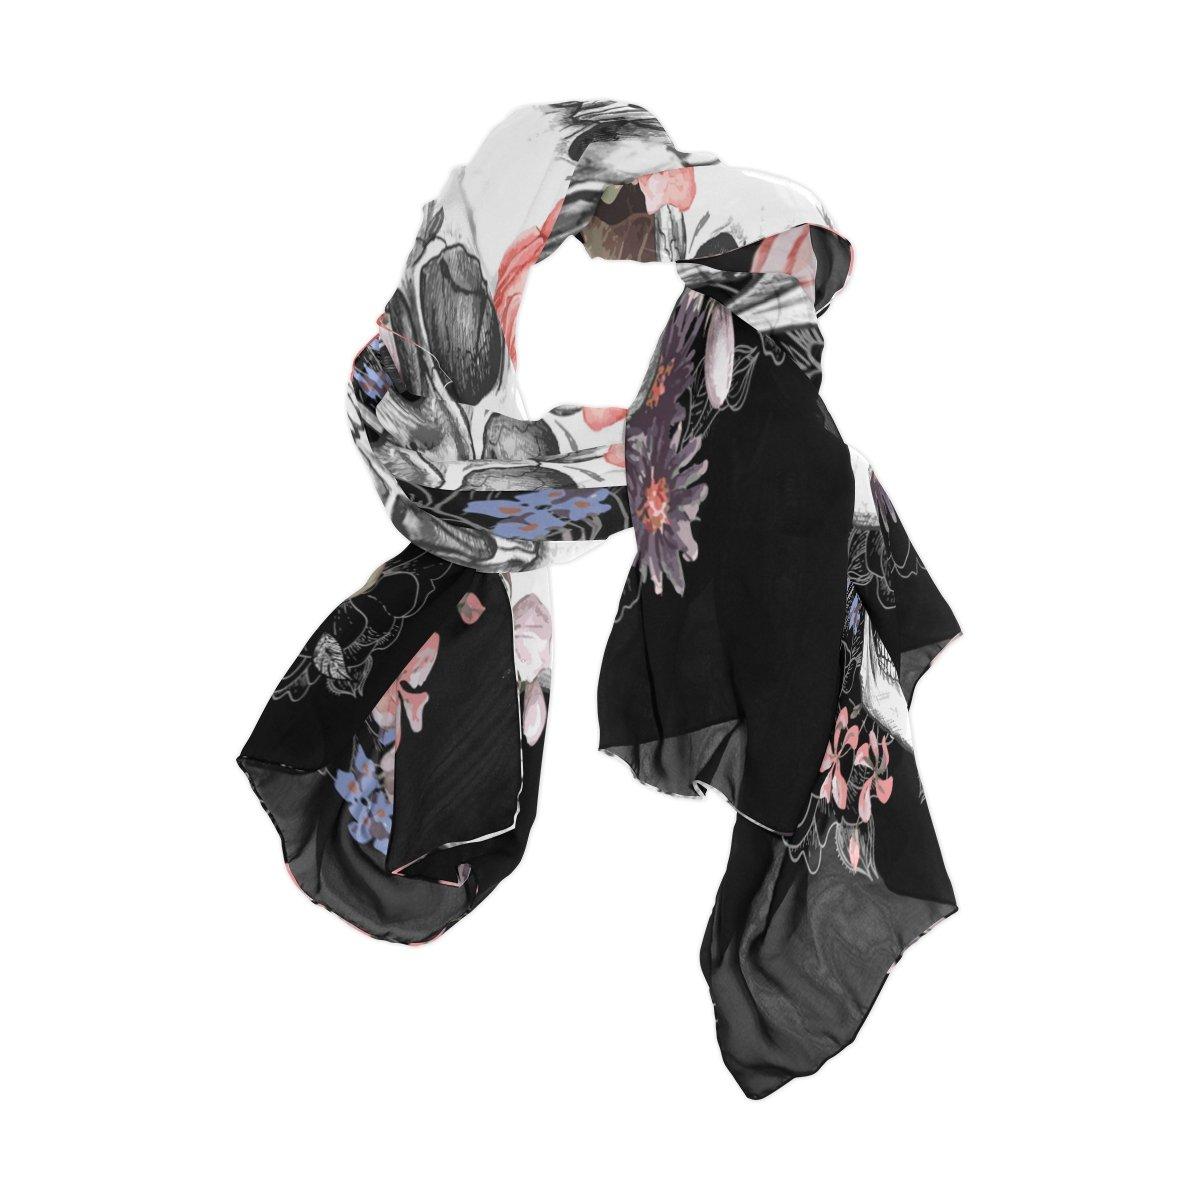 Use4 Fashion Sugar Skull Floral Chiffon Long Scarf Shawl Wrap g1450874p110c124s164